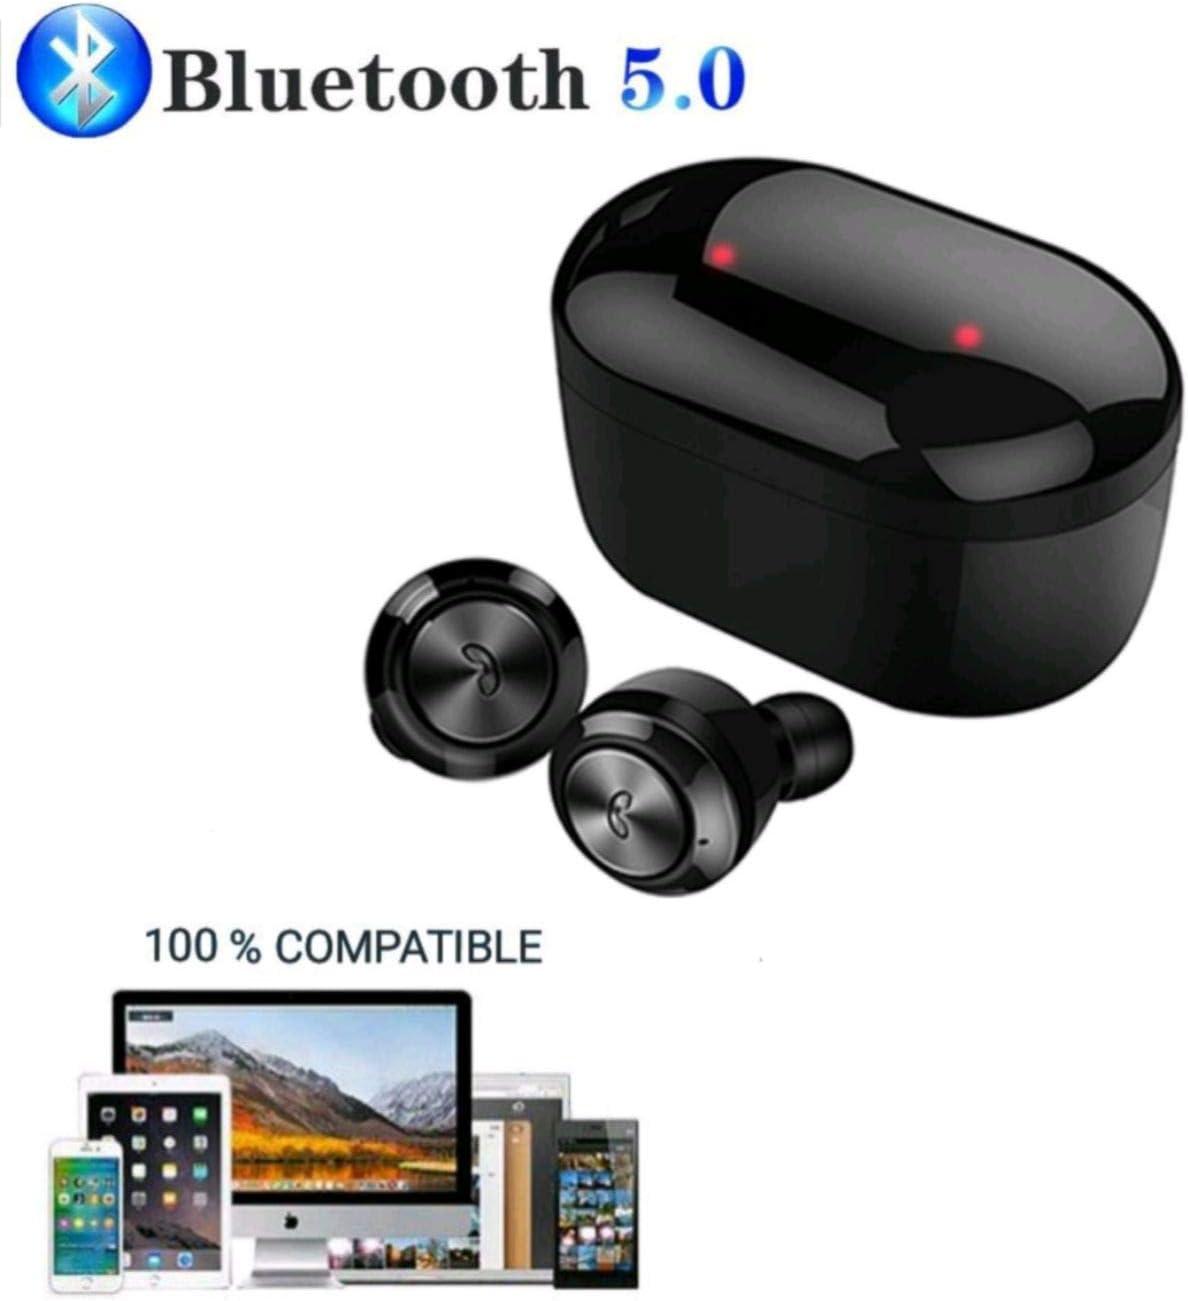 JSG Auriculares Bluetooth 5.0 Future 2020 inalámbricos Mini DT-3 TWS Sport Caja de Carga Y Micrófono Integrado Impermeable al Sudor, Ideal movil, Tablet, pc, Television y Mucho mas (Negro)